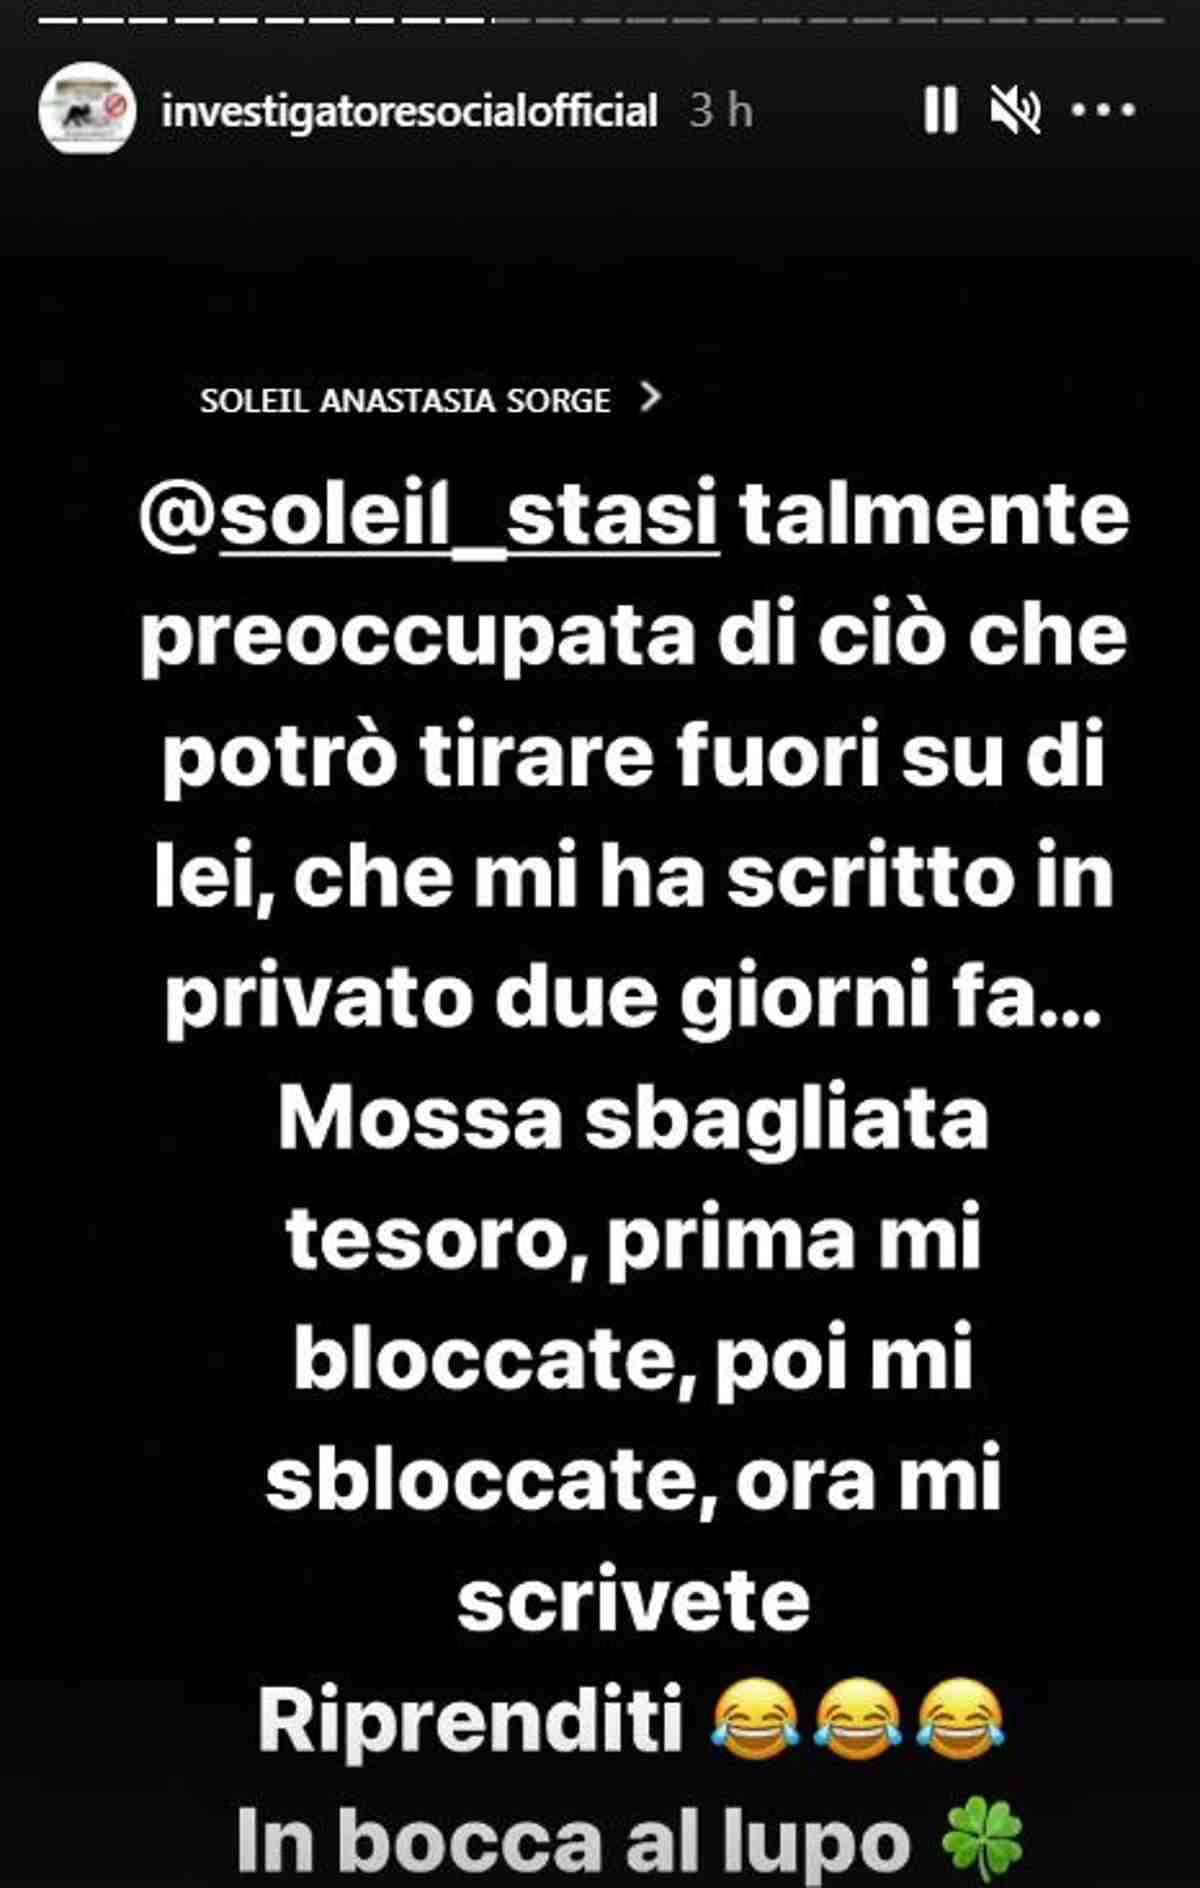 soleil-sorge-investigatore-social-alessandro-rosica-gossip